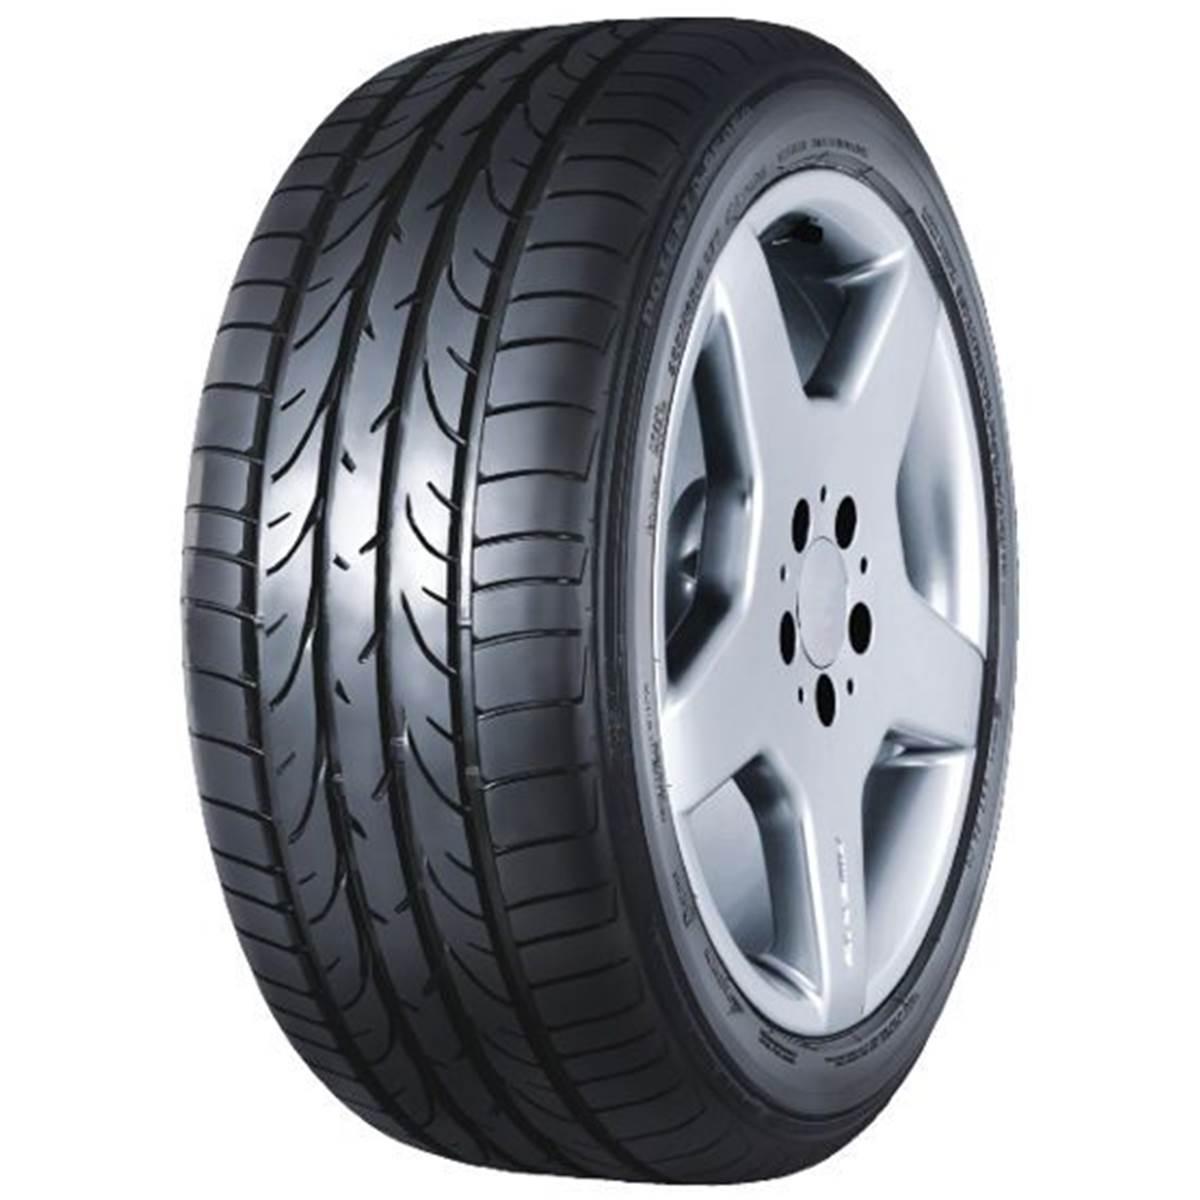 Pneu Bridgestone 285/35R19 99Y Potenza Re050